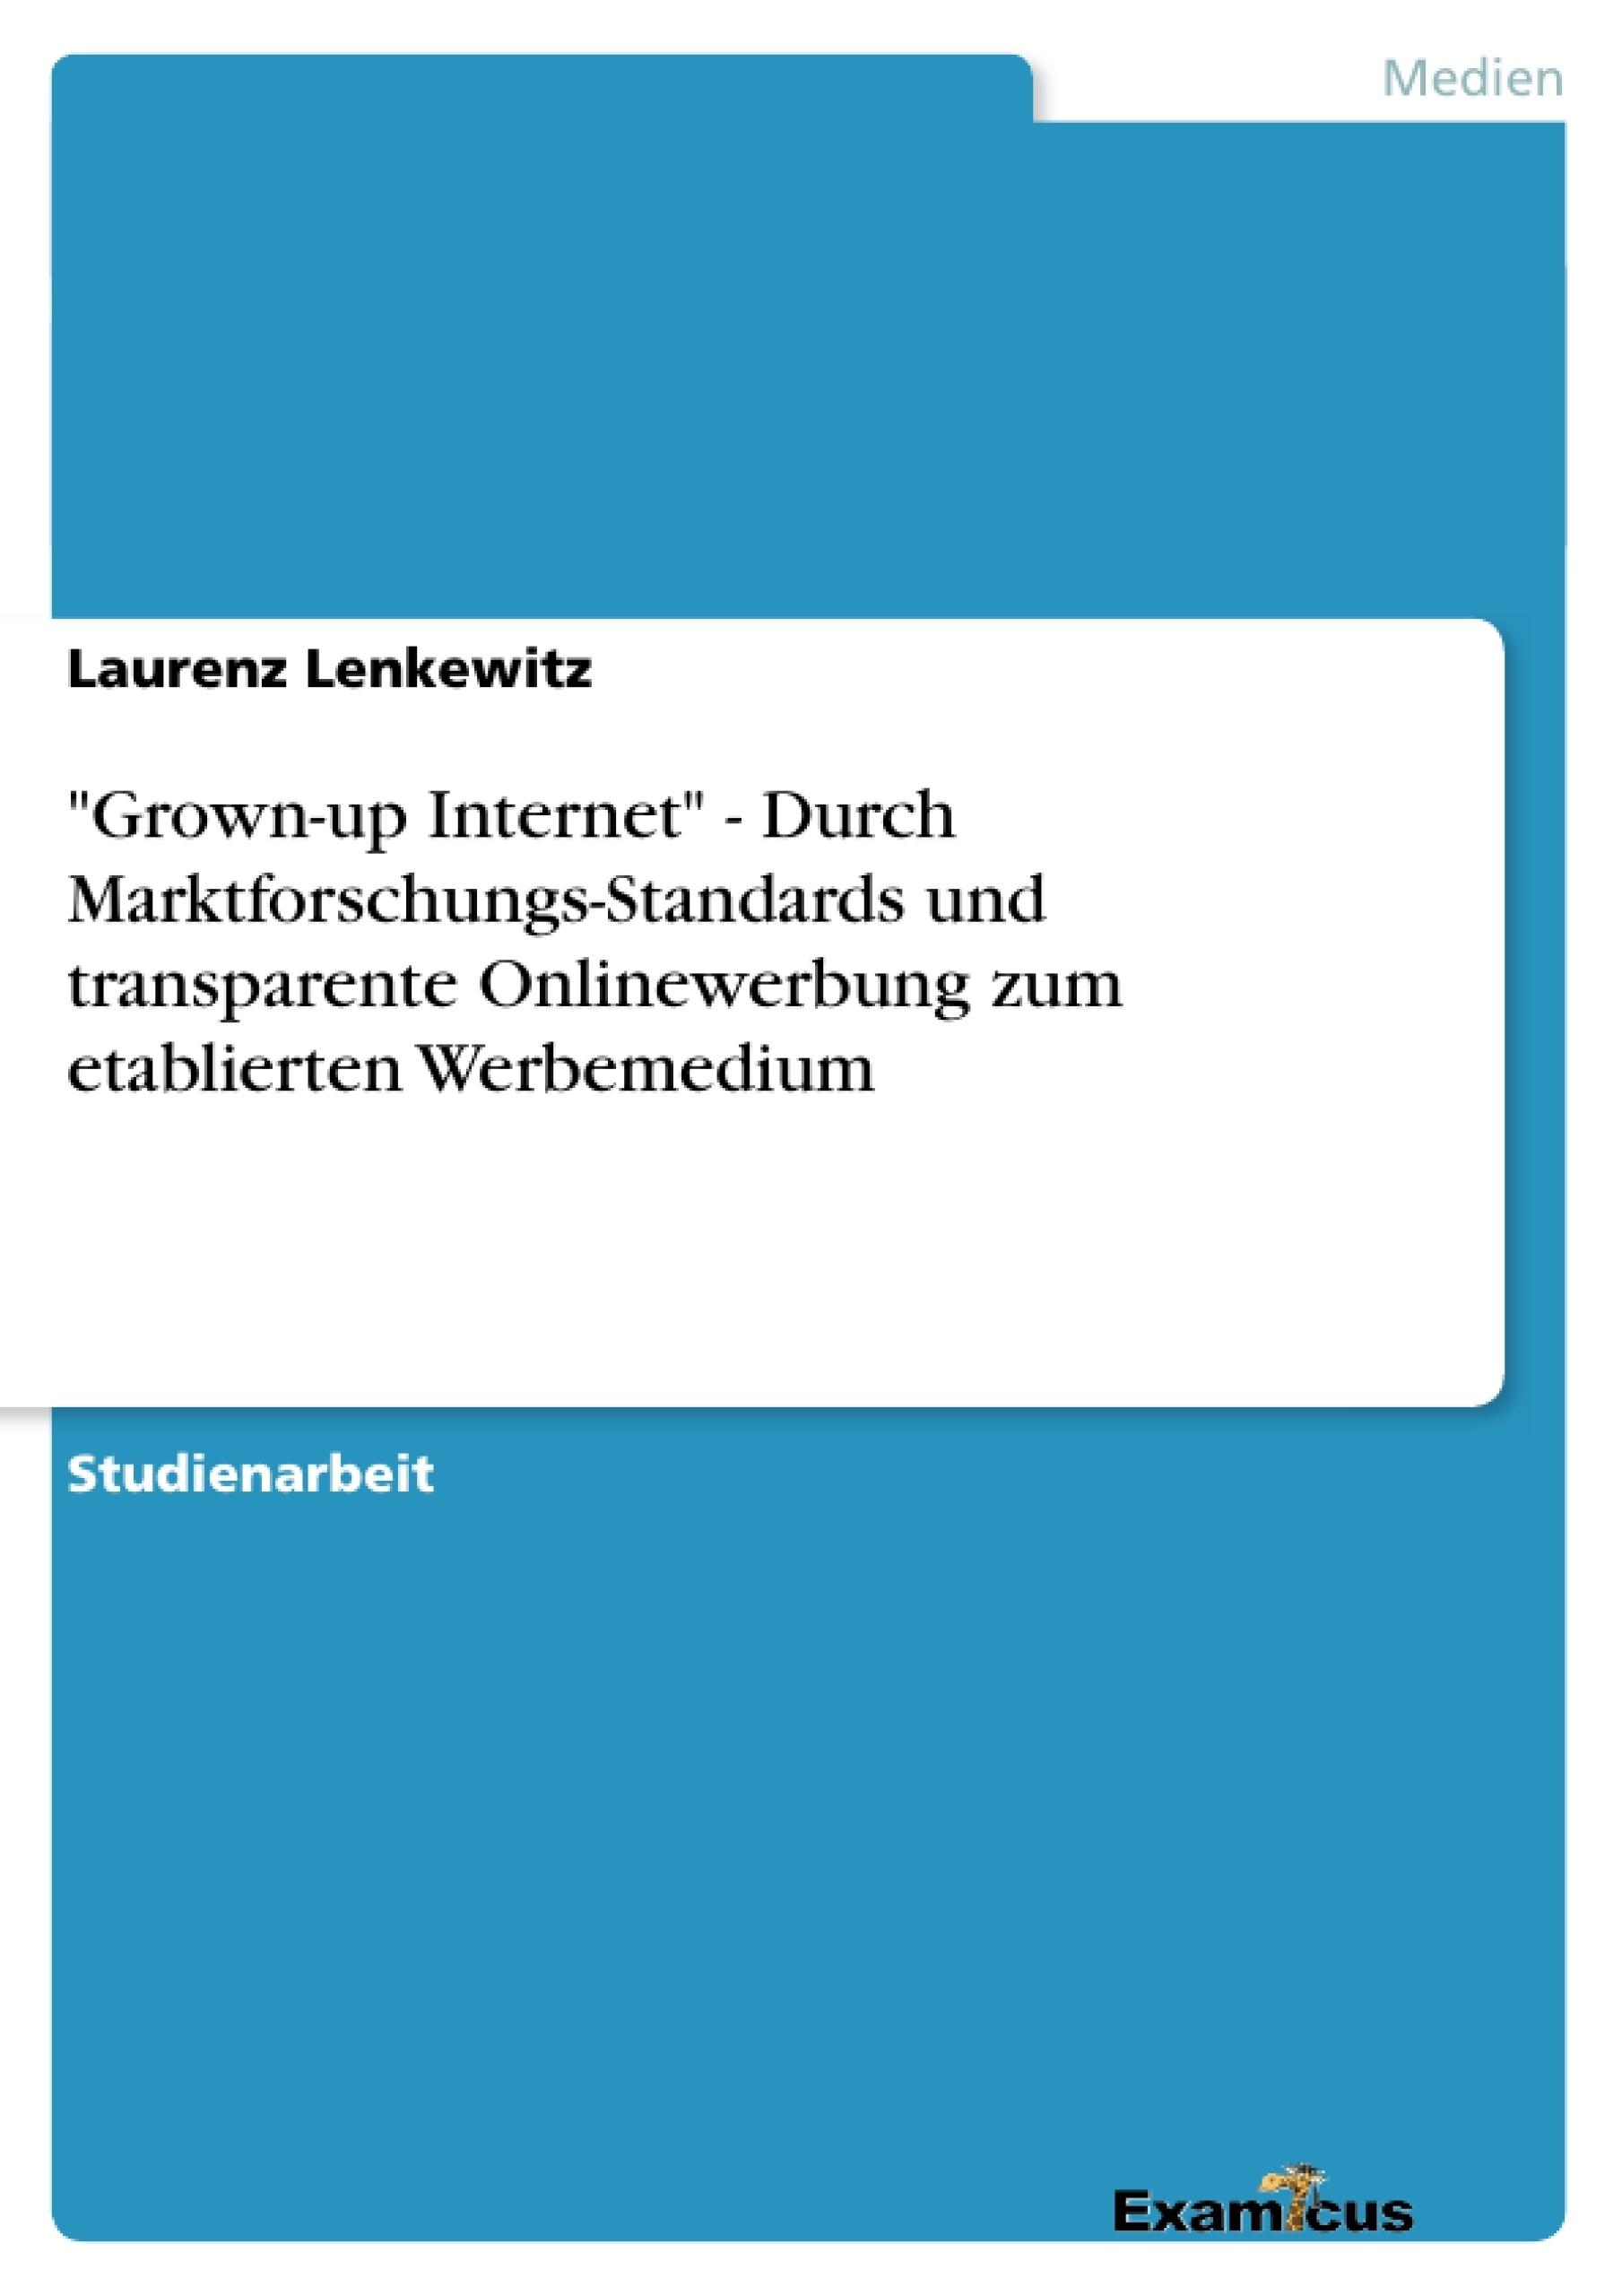 """Titel: """"Grown-up Internet"""" - Durch Marktforschungs-Standards und transparente Onlinewerbung zum etablierten Werbemedium"""